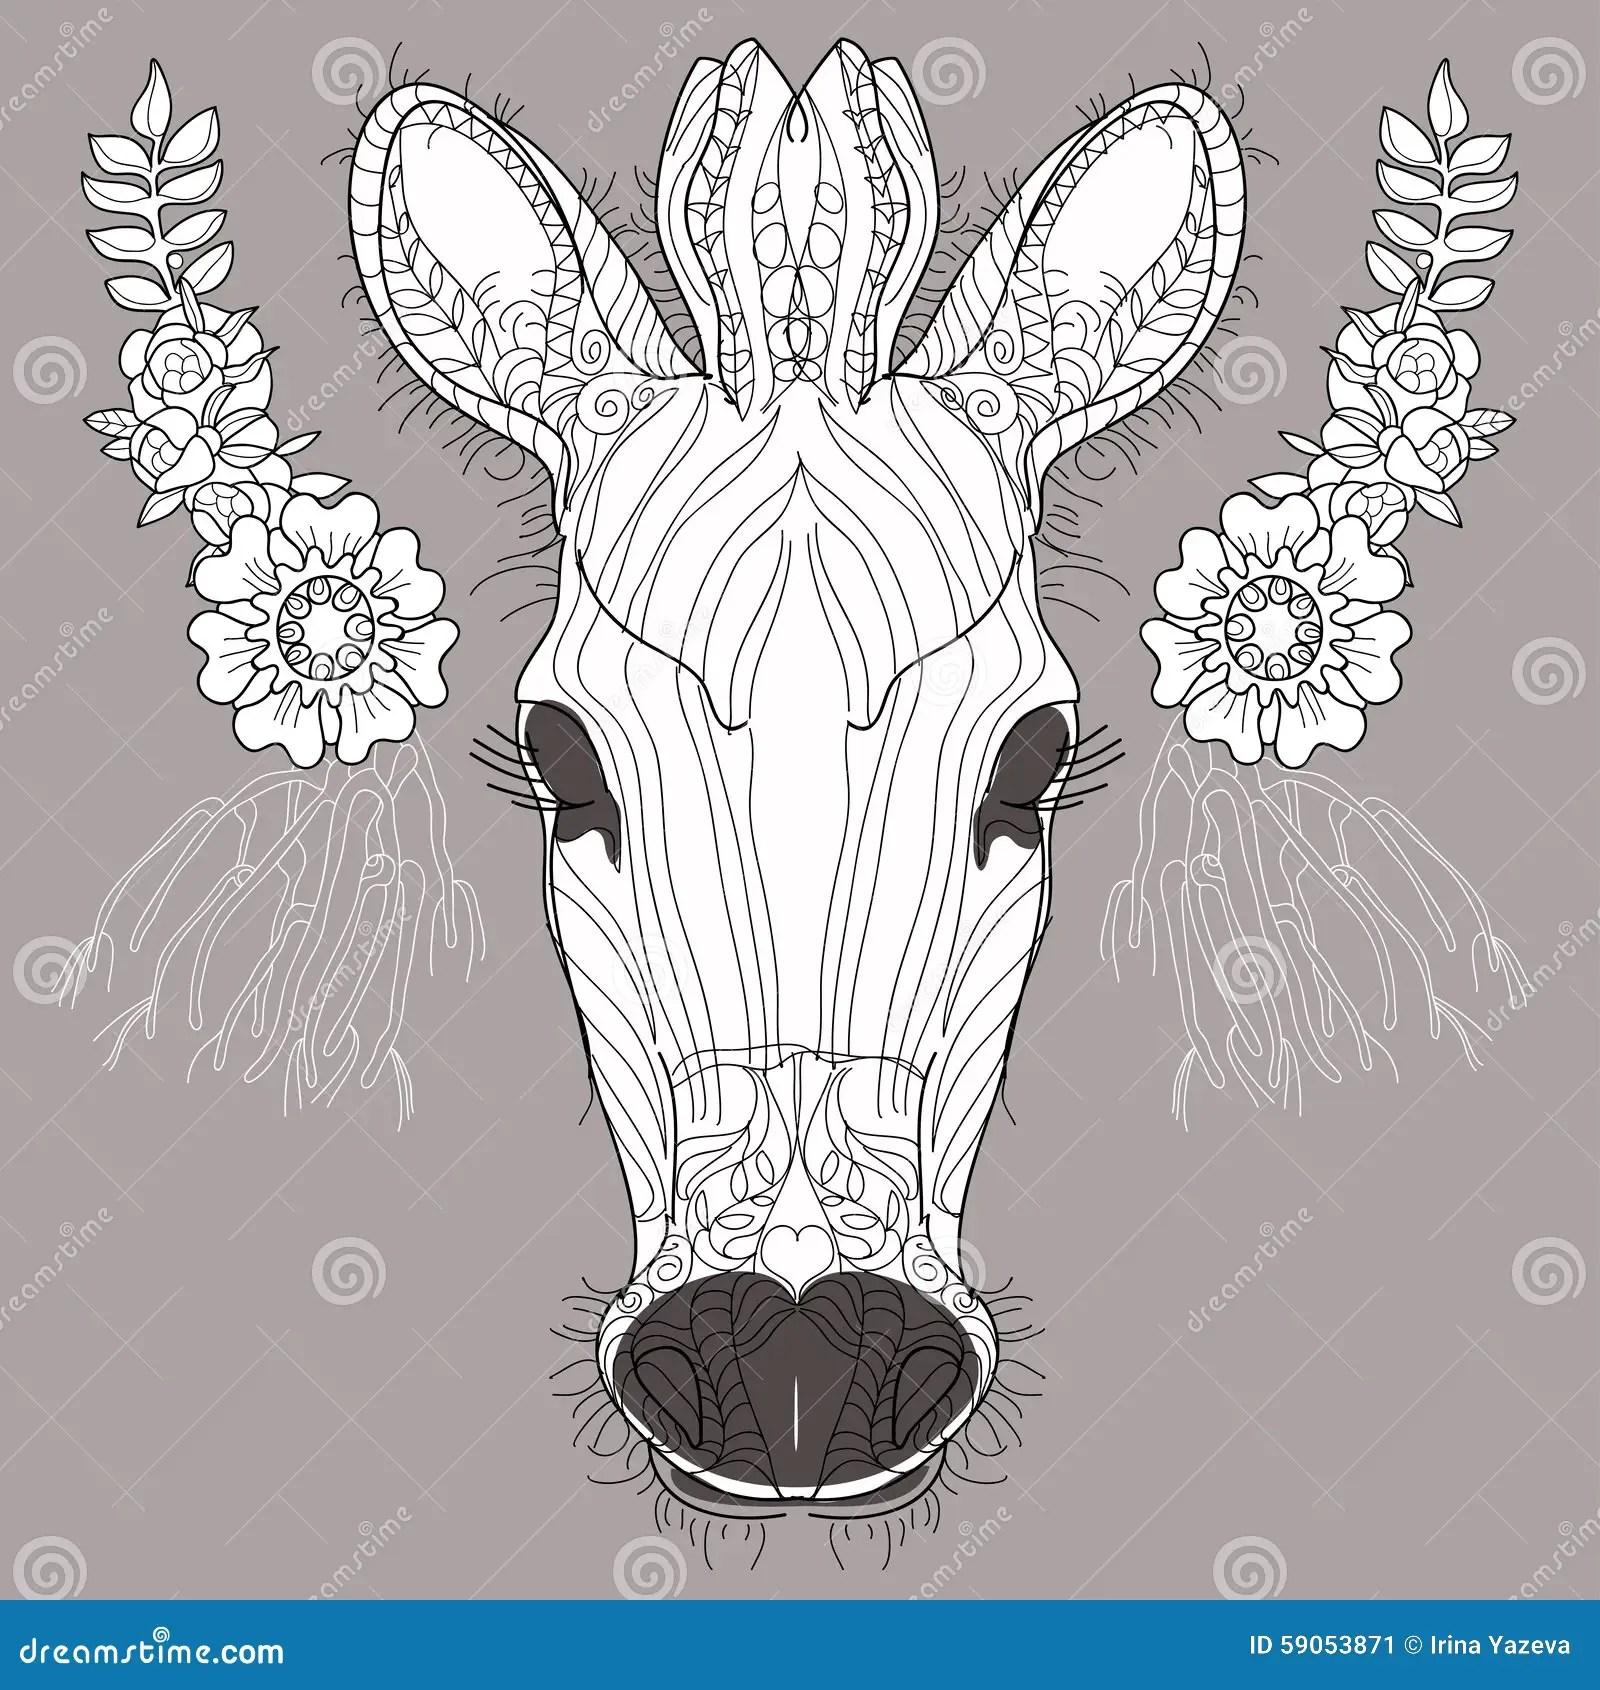 Sketch, Doodle, Hand Drawn Illustration Of Zebra. Stock